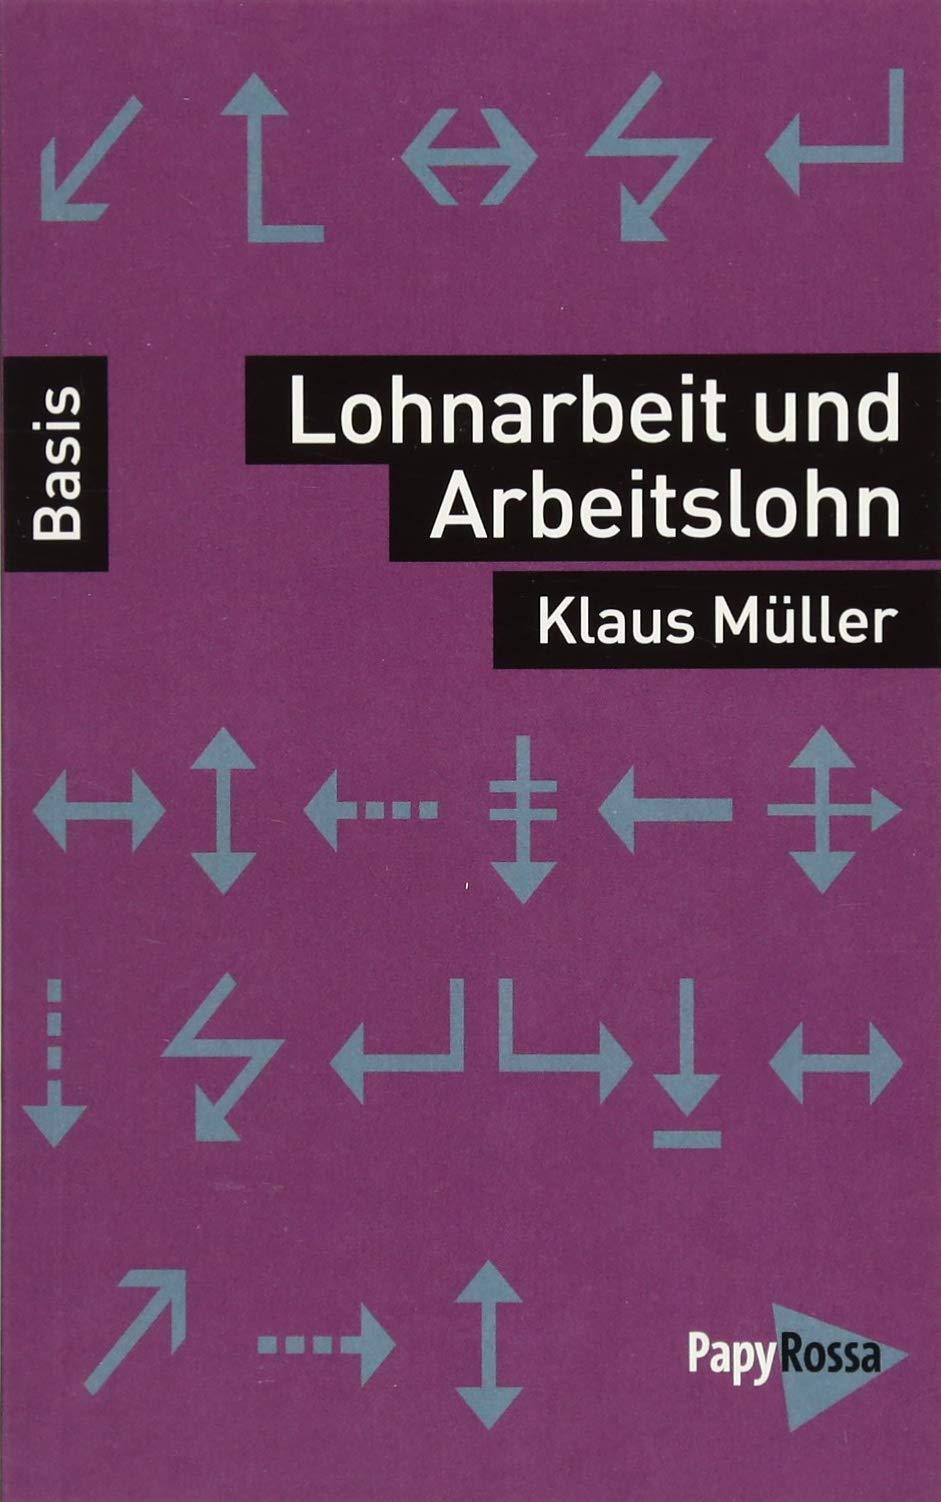 Lohnarbeit und Arbeitslohn (Basiswissen Politik / Geschichte / Ökonomie) Taschenbuch – 10. März 2018 Klaus Müller PapyRossa Verlag 3894386673 Wirtschaft / Allgemeines